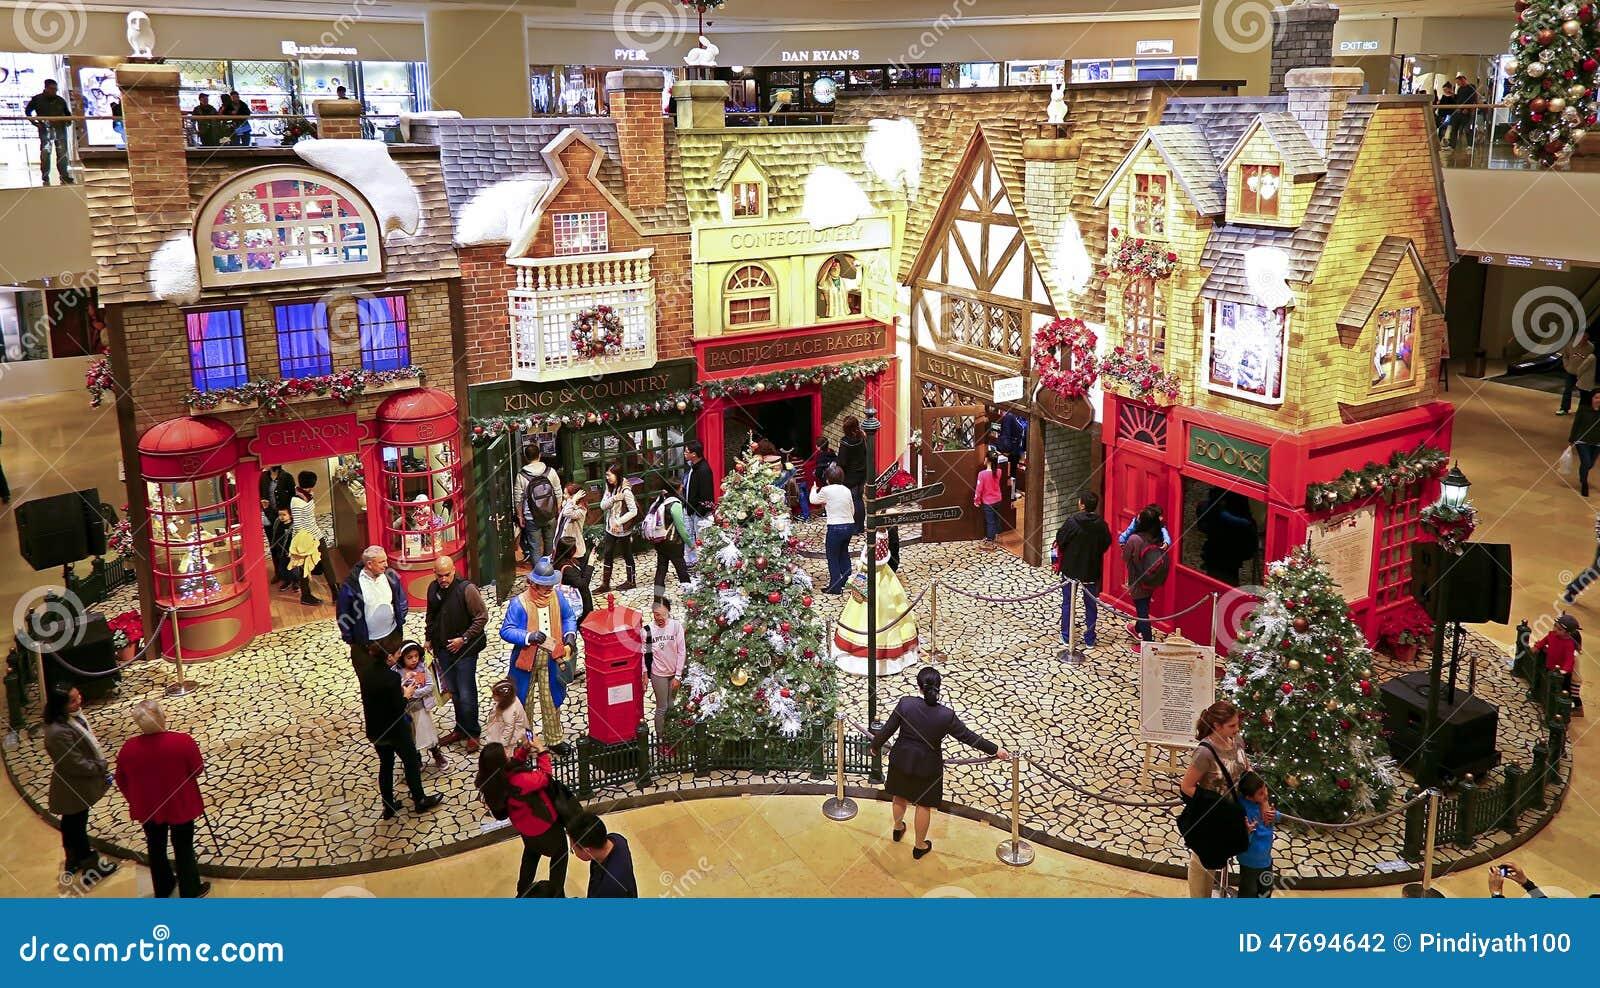 #A9222F Décor Pacifique De Noël De Mail D'endroit Hong Kong  5363 decorations de noel centre commercial 1300x820 px @ aertt.com